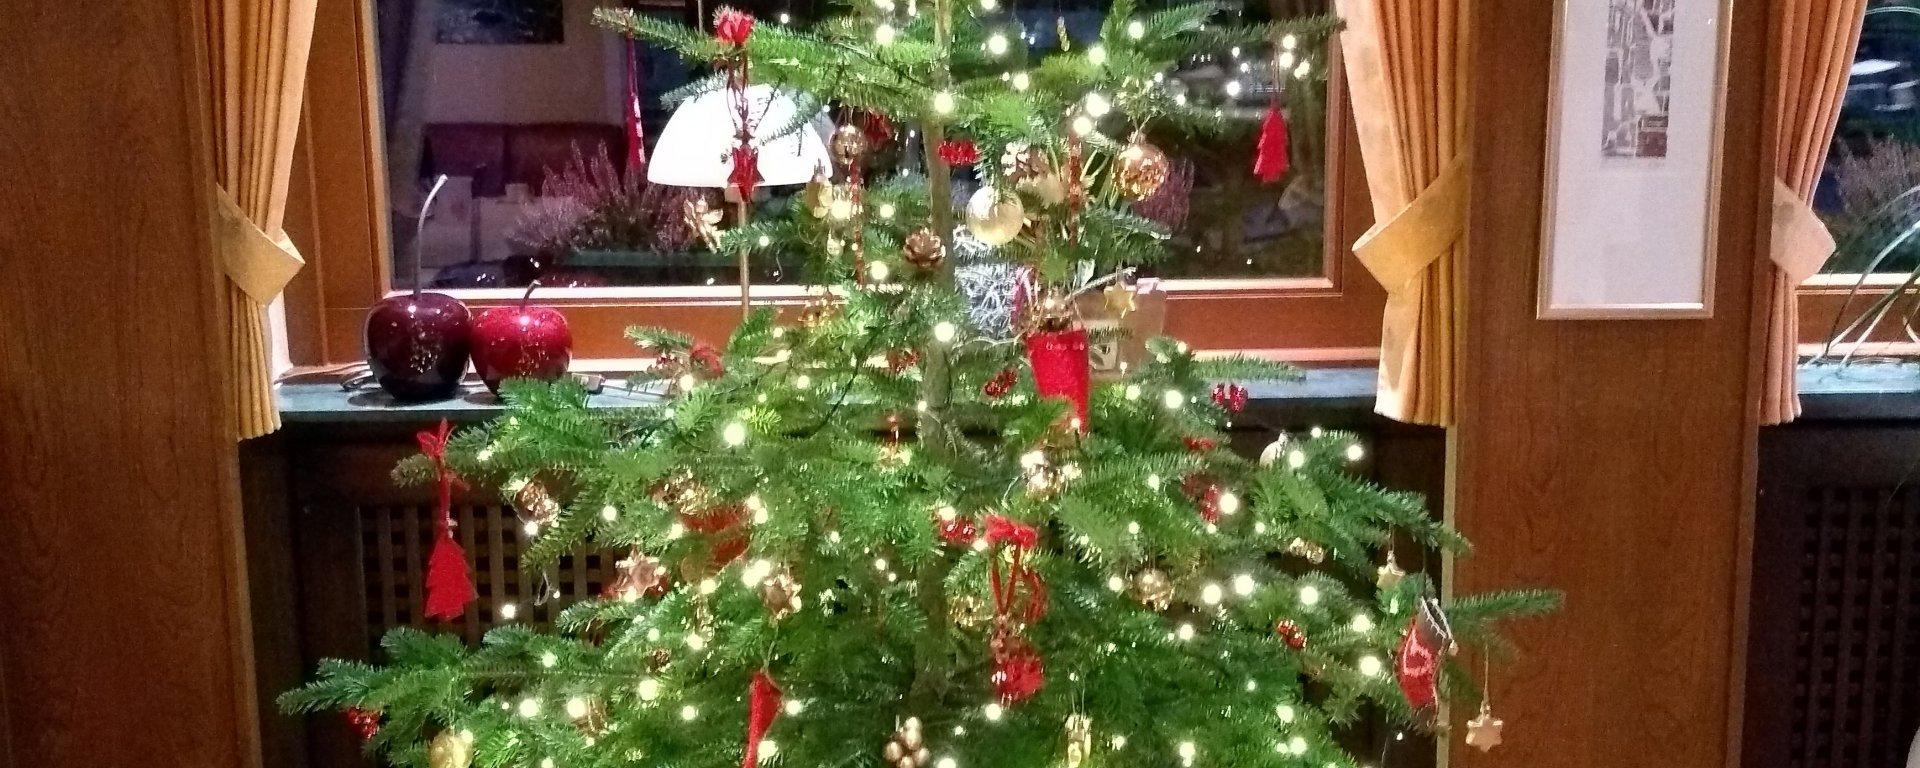 Weihnachten in Ruland, 5 Nächte